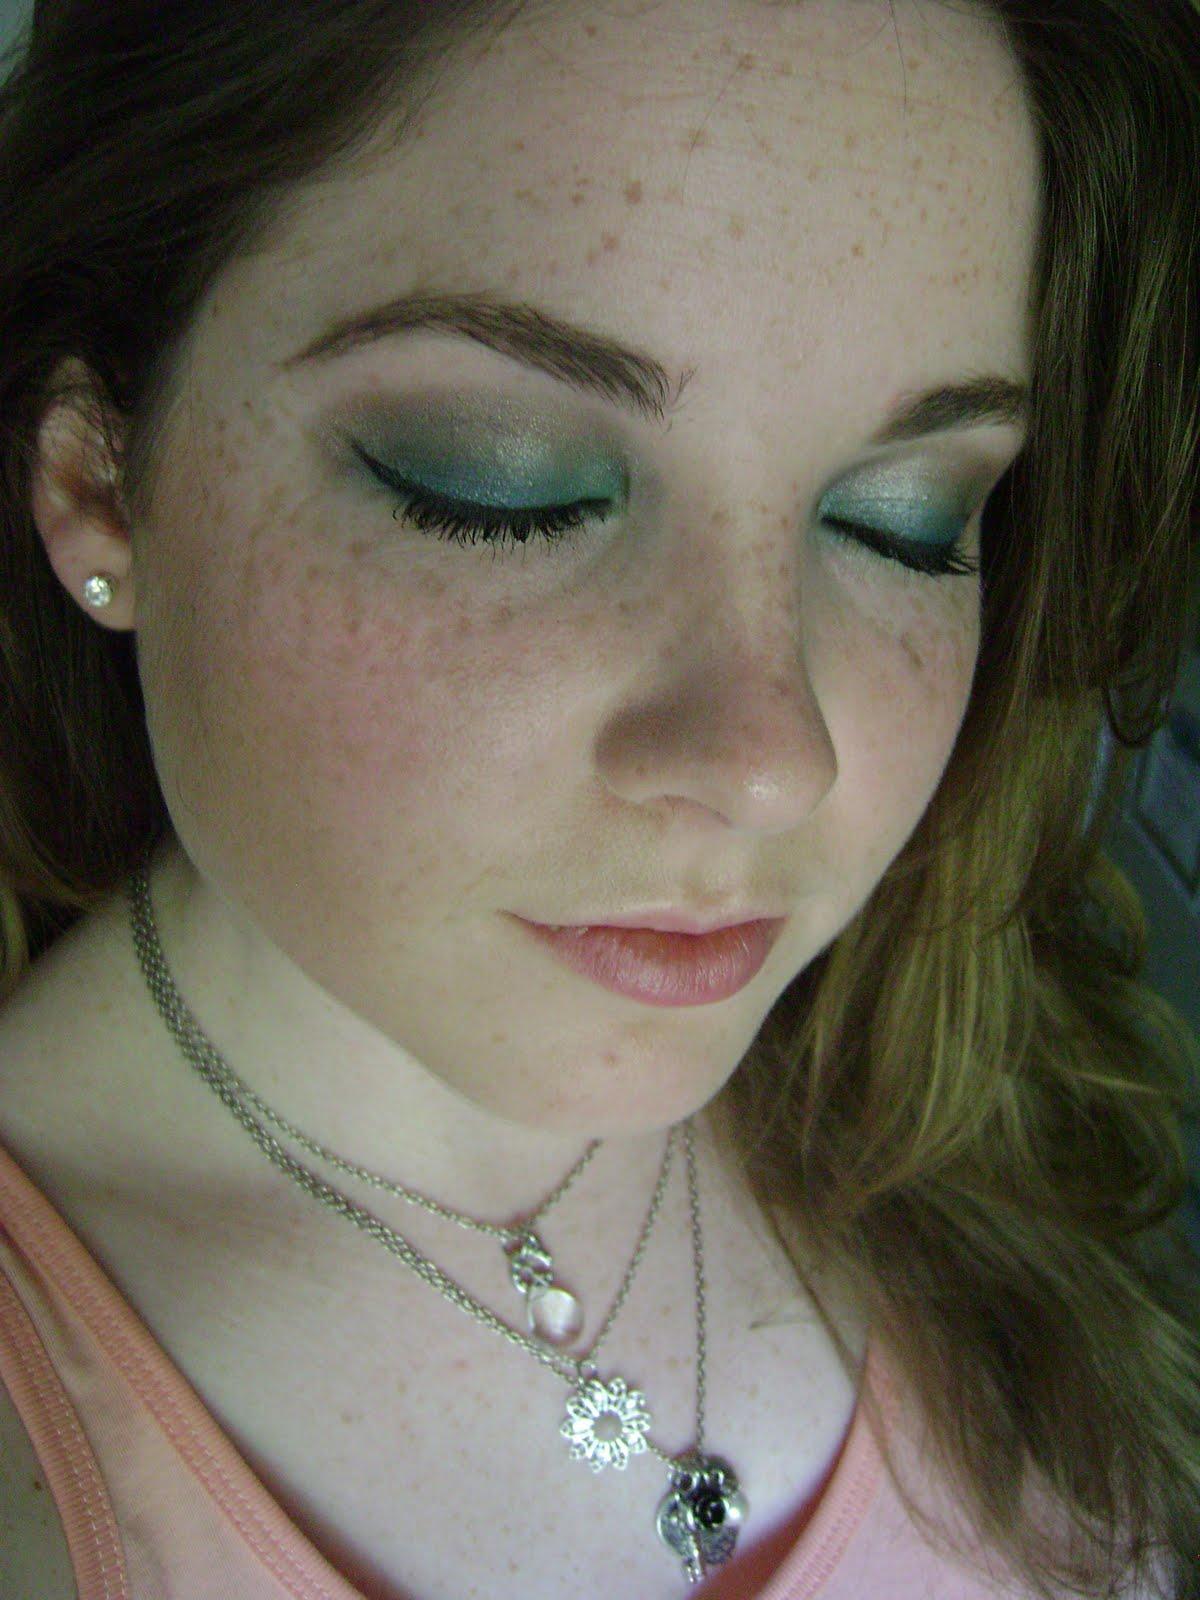 http://4.bp.blogspot.com/_roqYXvSkhMk/S_xWWB-BijI/AAAAAAAAARU/lkEai9K4i_w/s1600/bluegreen+tutorial+039.JPG